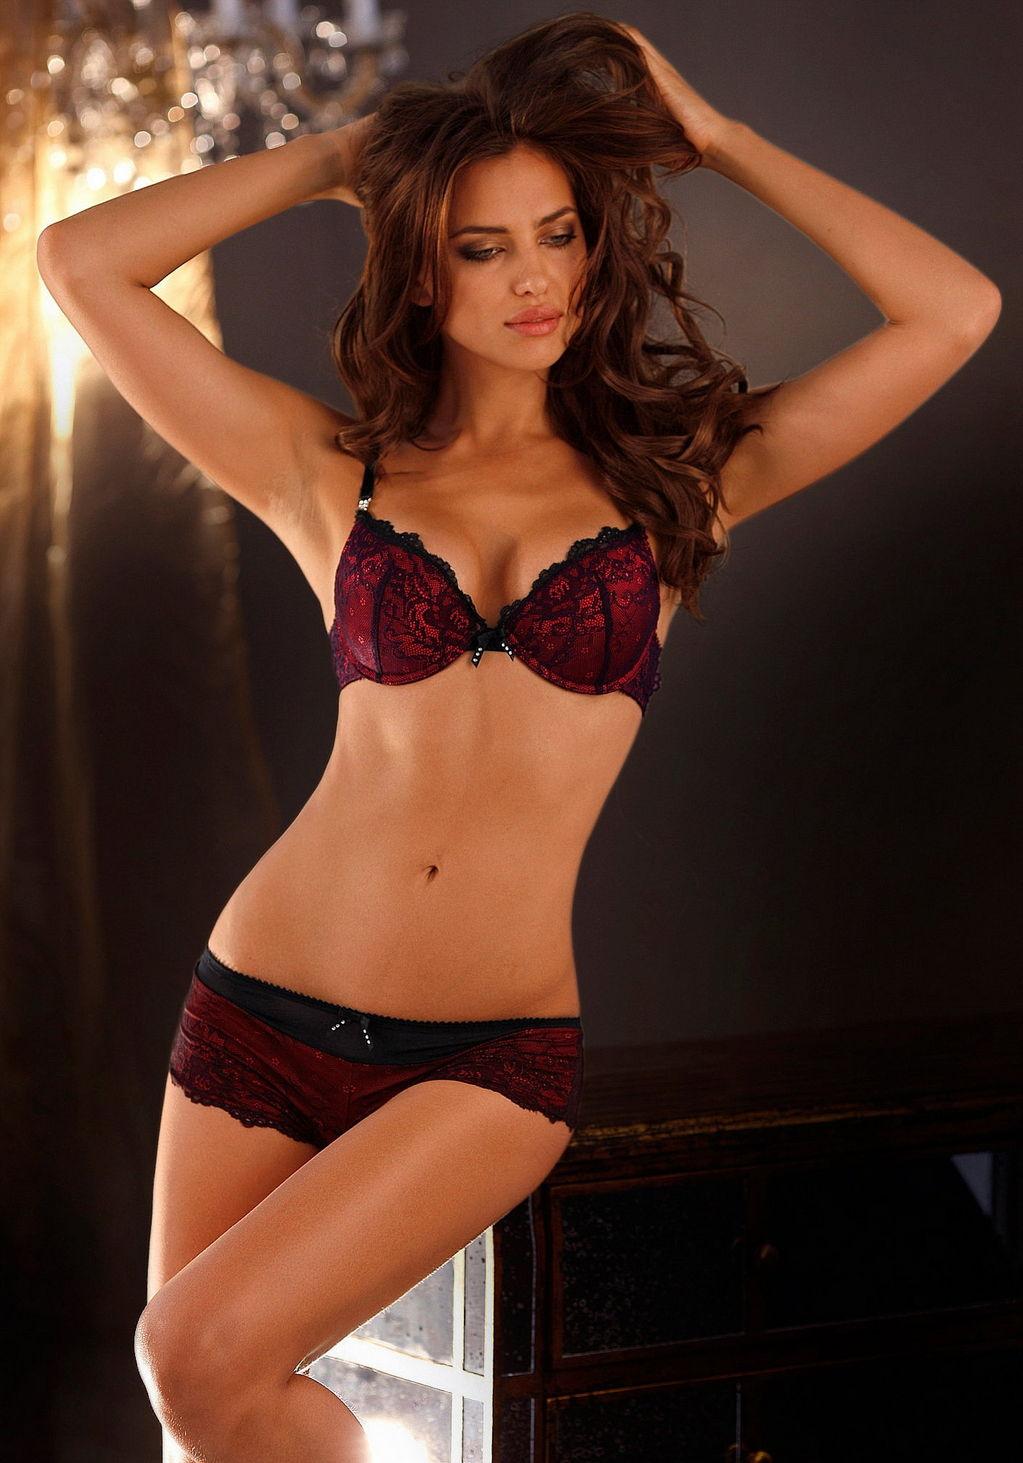 Sexy daphne pics-5277